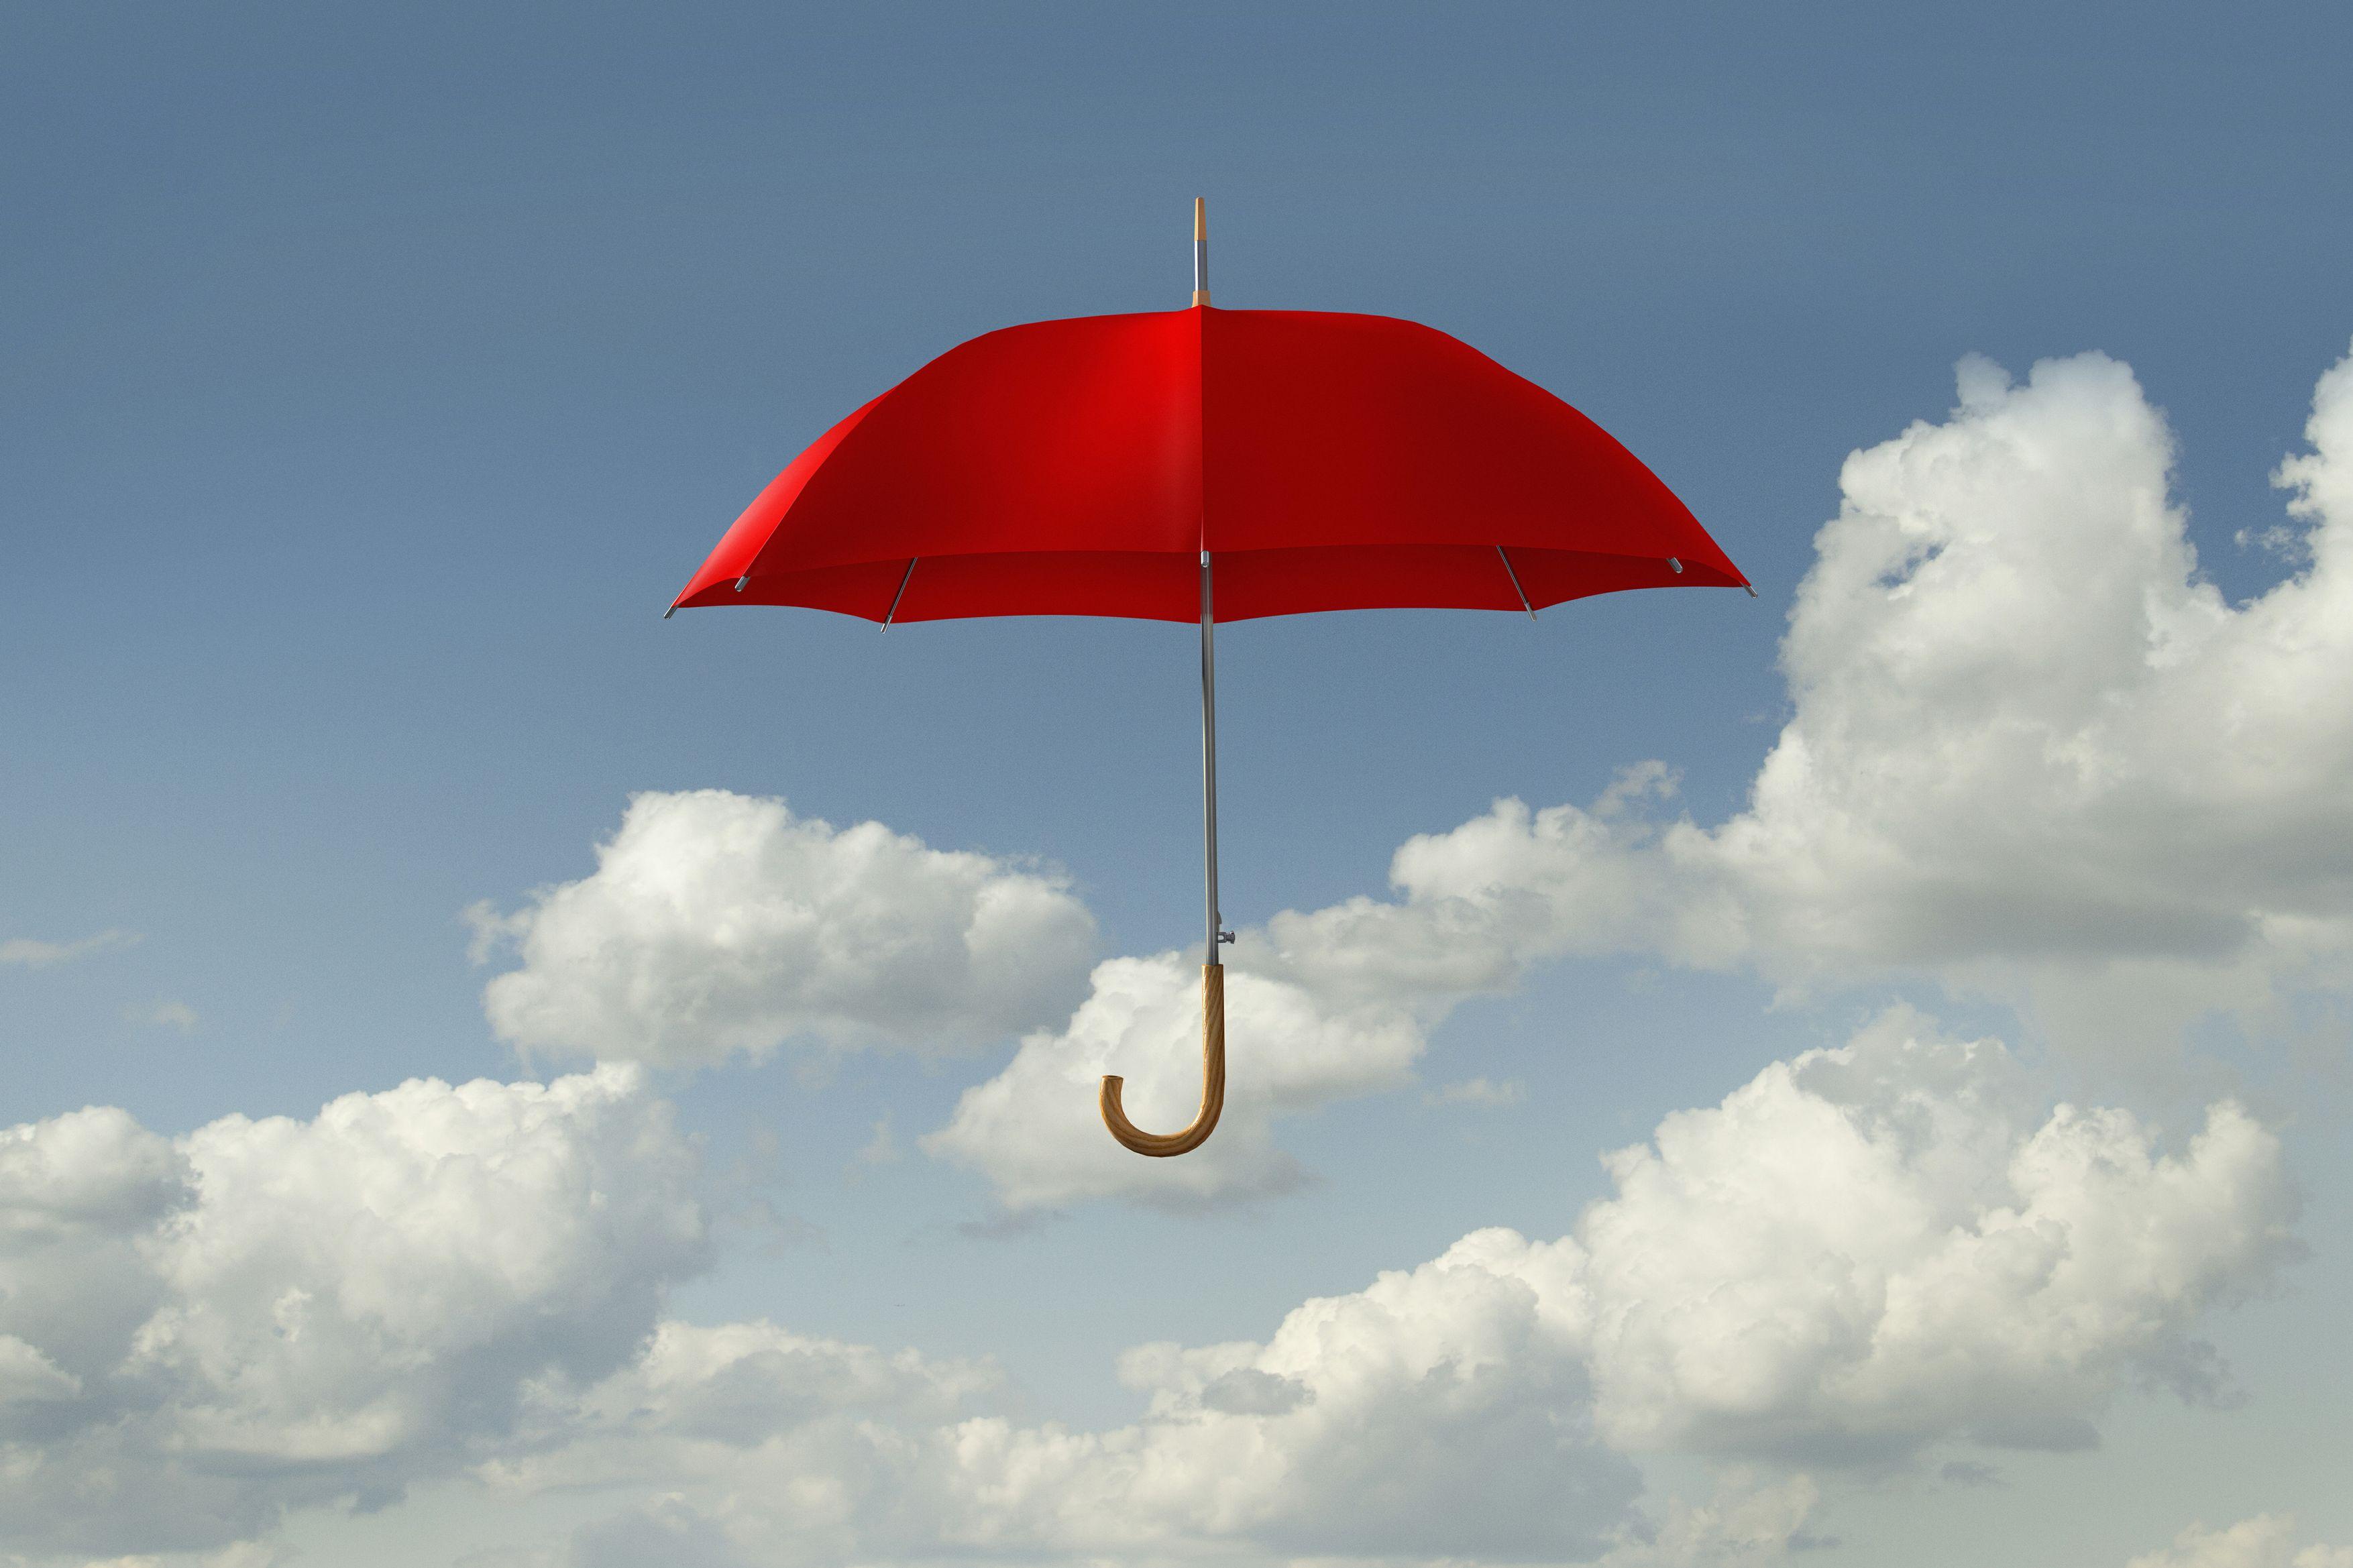 股市投资中最容易被忽略的风险:踏空